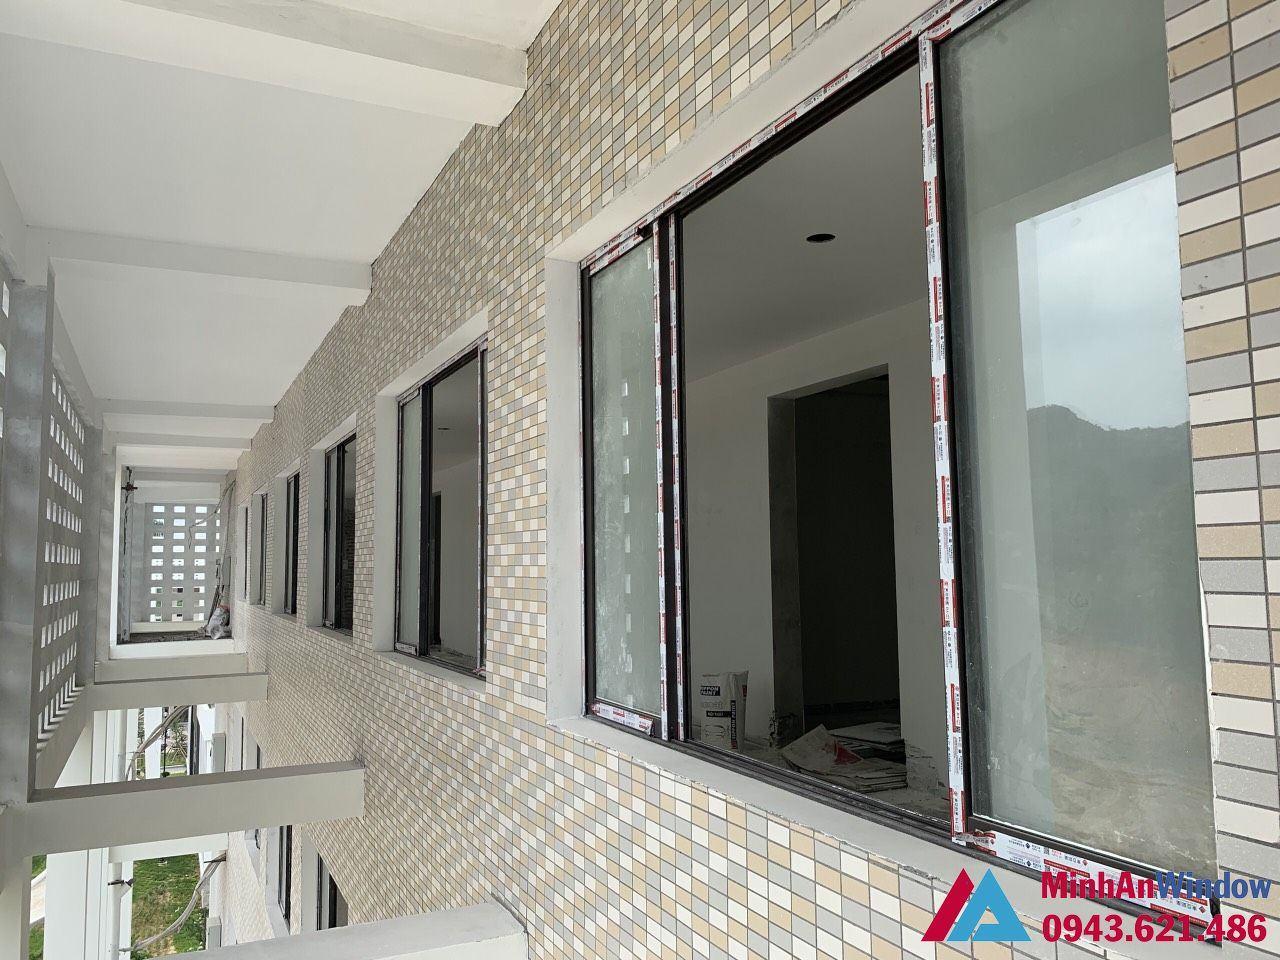 Mẫu cửa sổ nhôm kính tại KCN Thường Tín - Hà Nội do Minh An Window lắp đặt